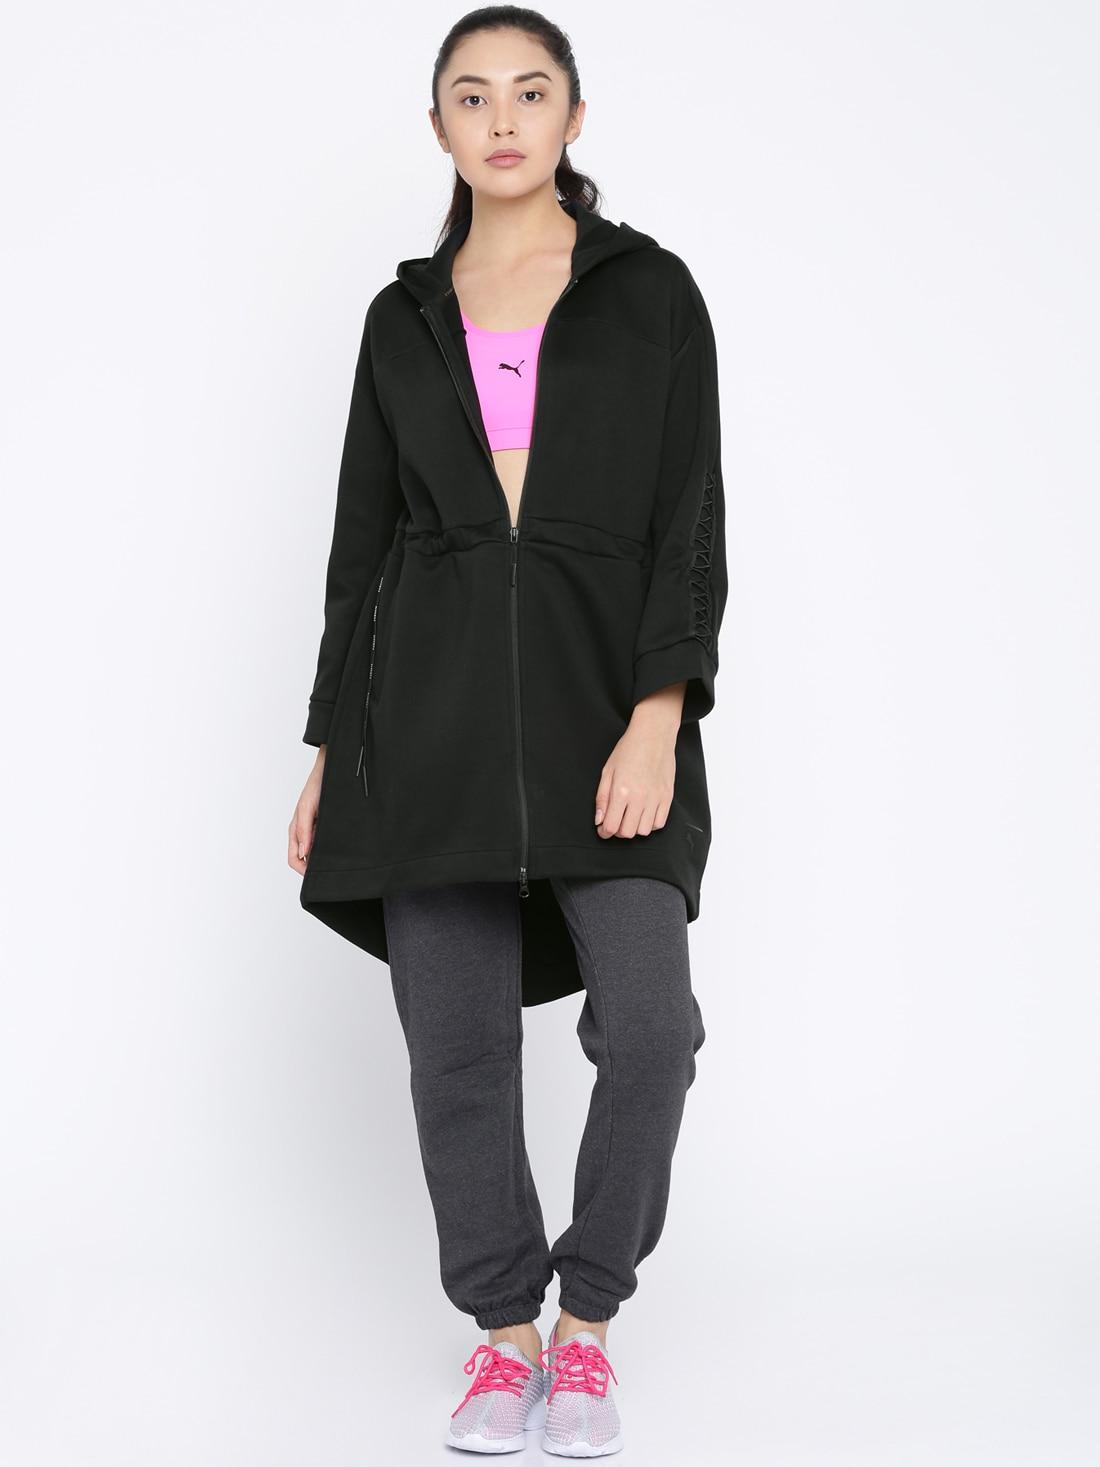 fbbf2219fe51 Buy Puma Women Black Solid En Pointe Jacket - Jackets for Women ...